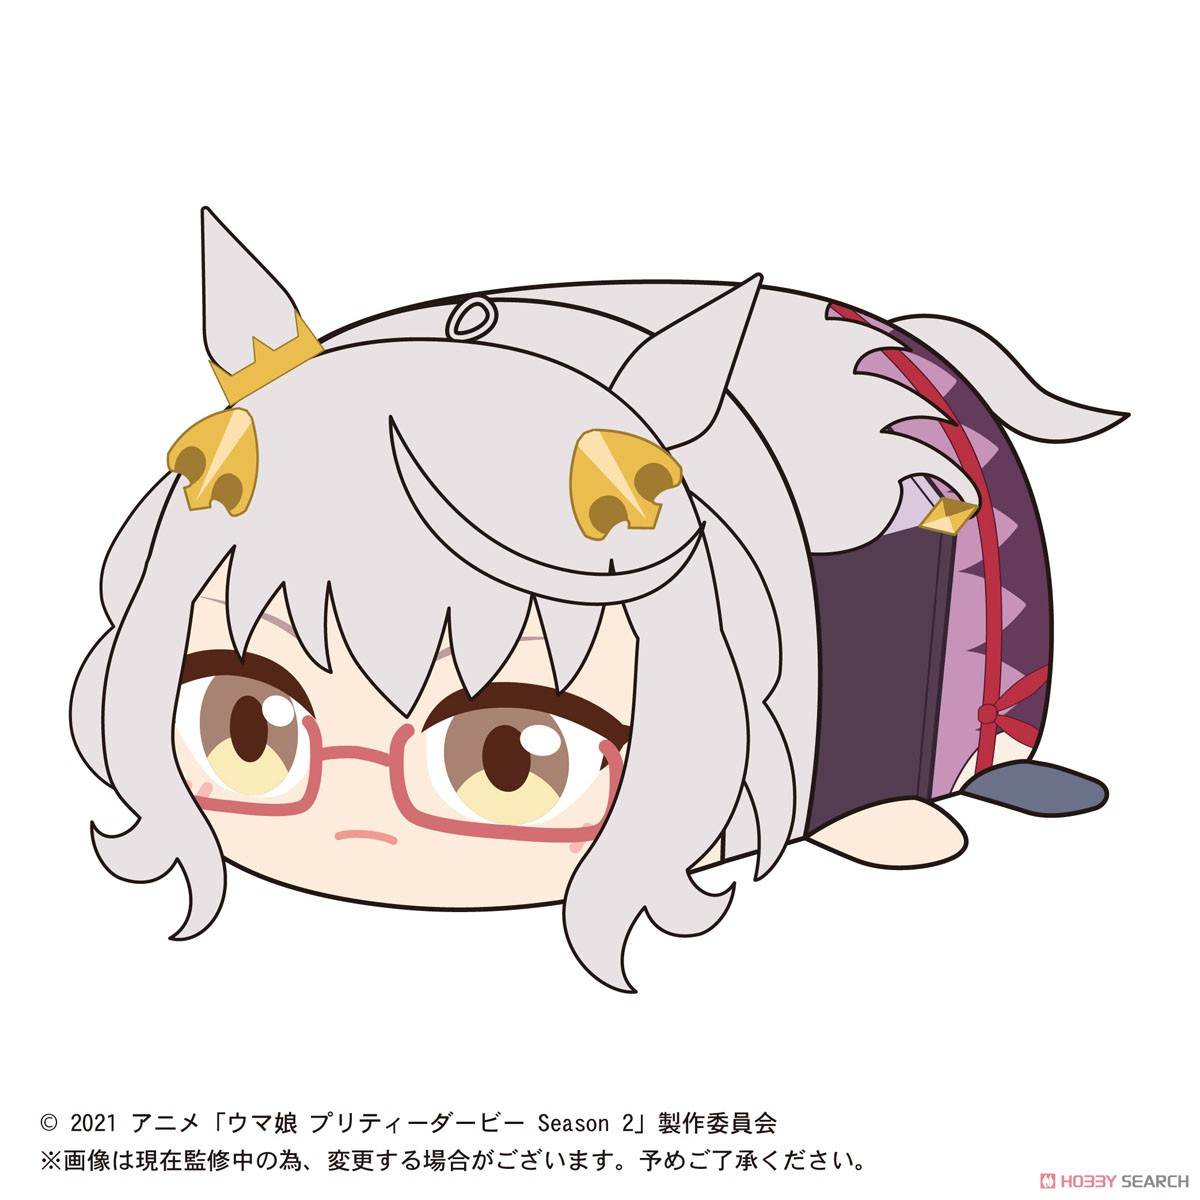 ウマ娘『TVアニメ ウマ娘 プリティーダービー Season2 ぽてコロマスコット』8個入りBOX-016